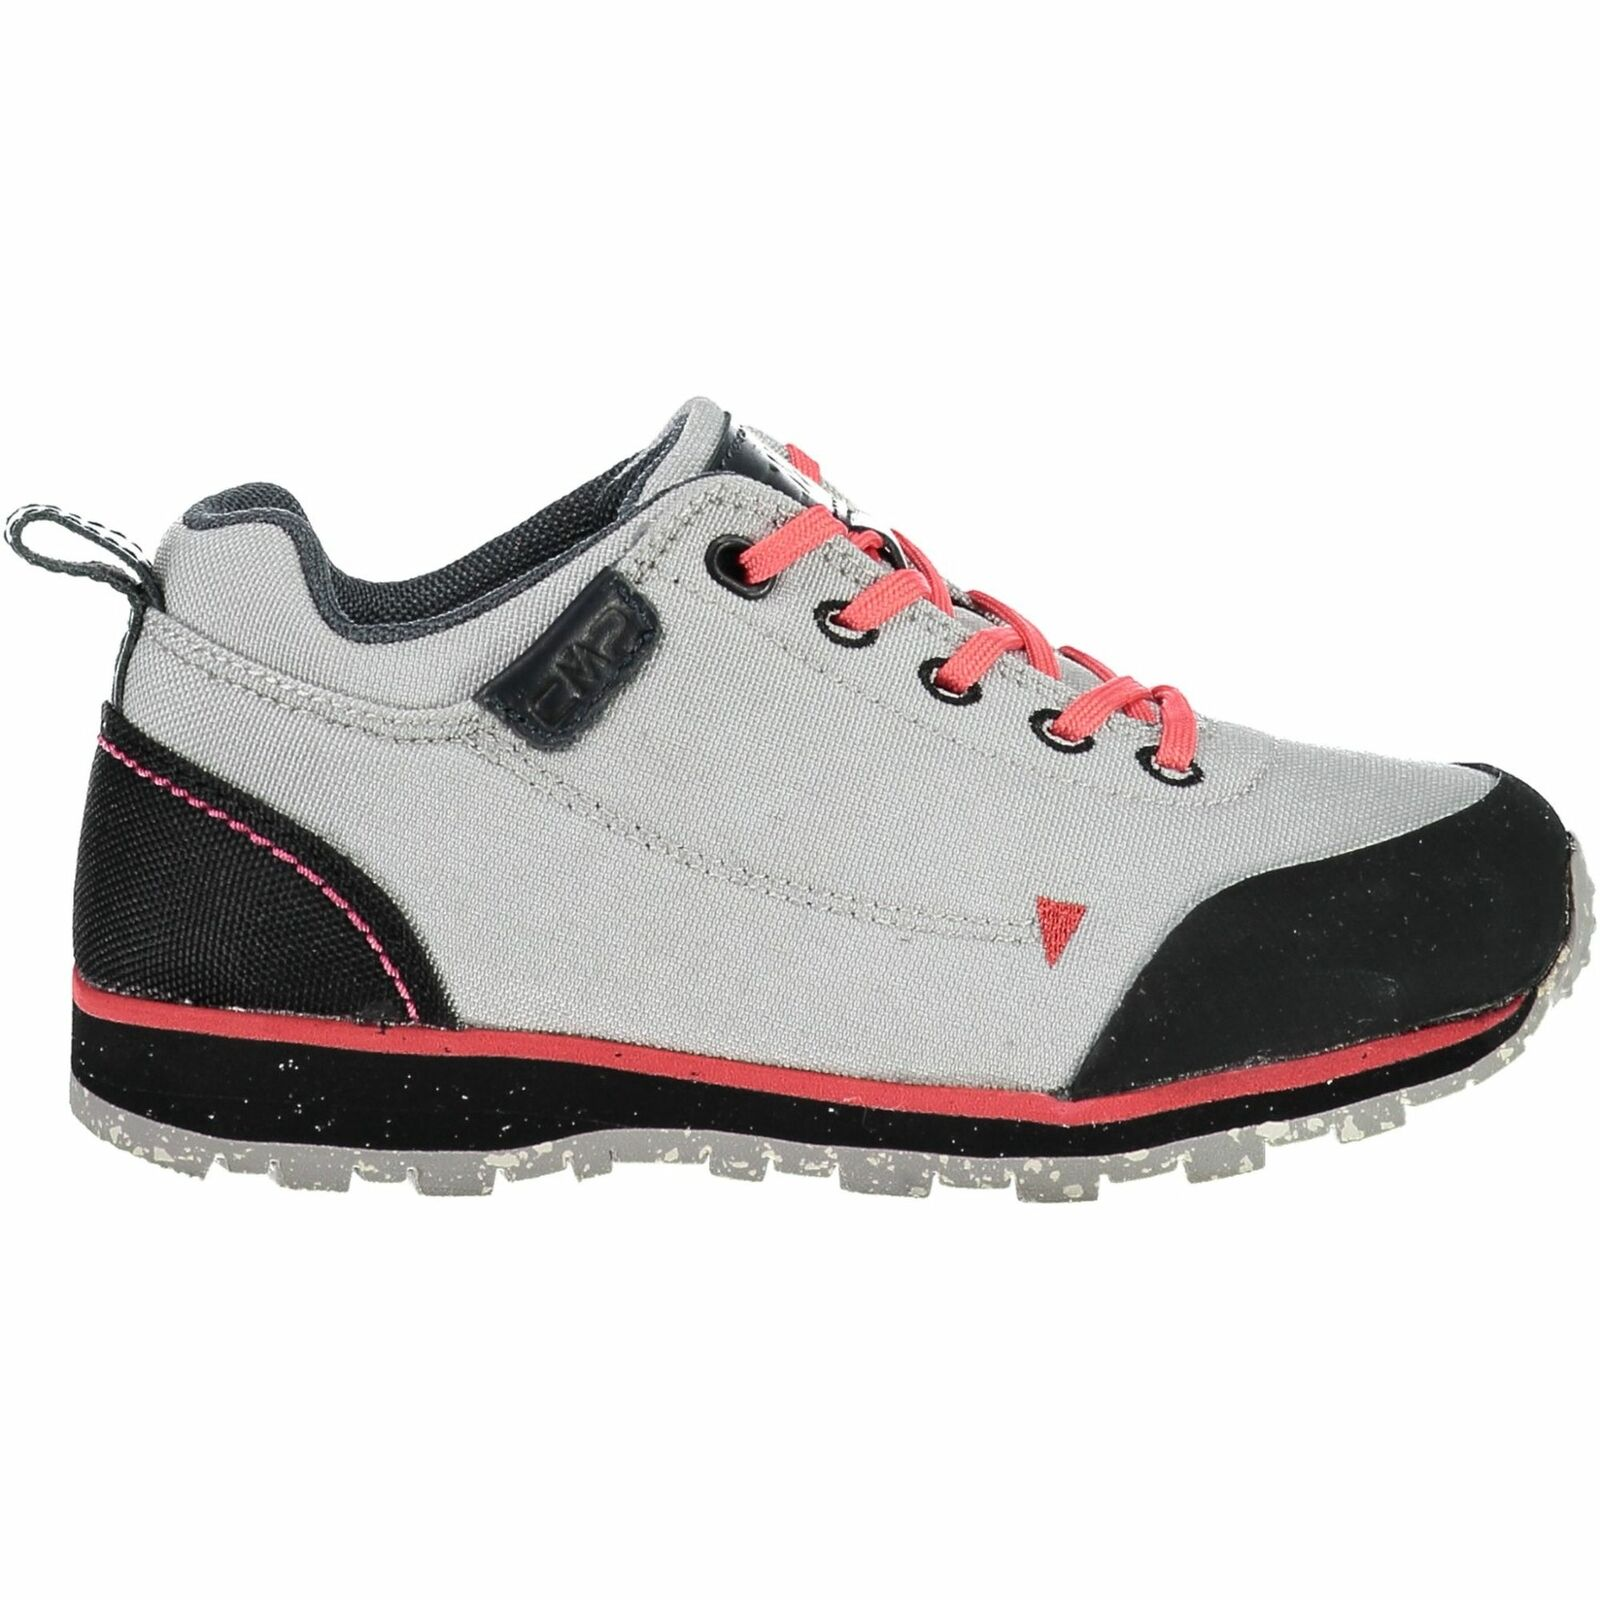 CMP de  Senderismo Zapatillas Tiempo Libre Kids Elettra Low Cordura Hiking zapatos  ganancia cero